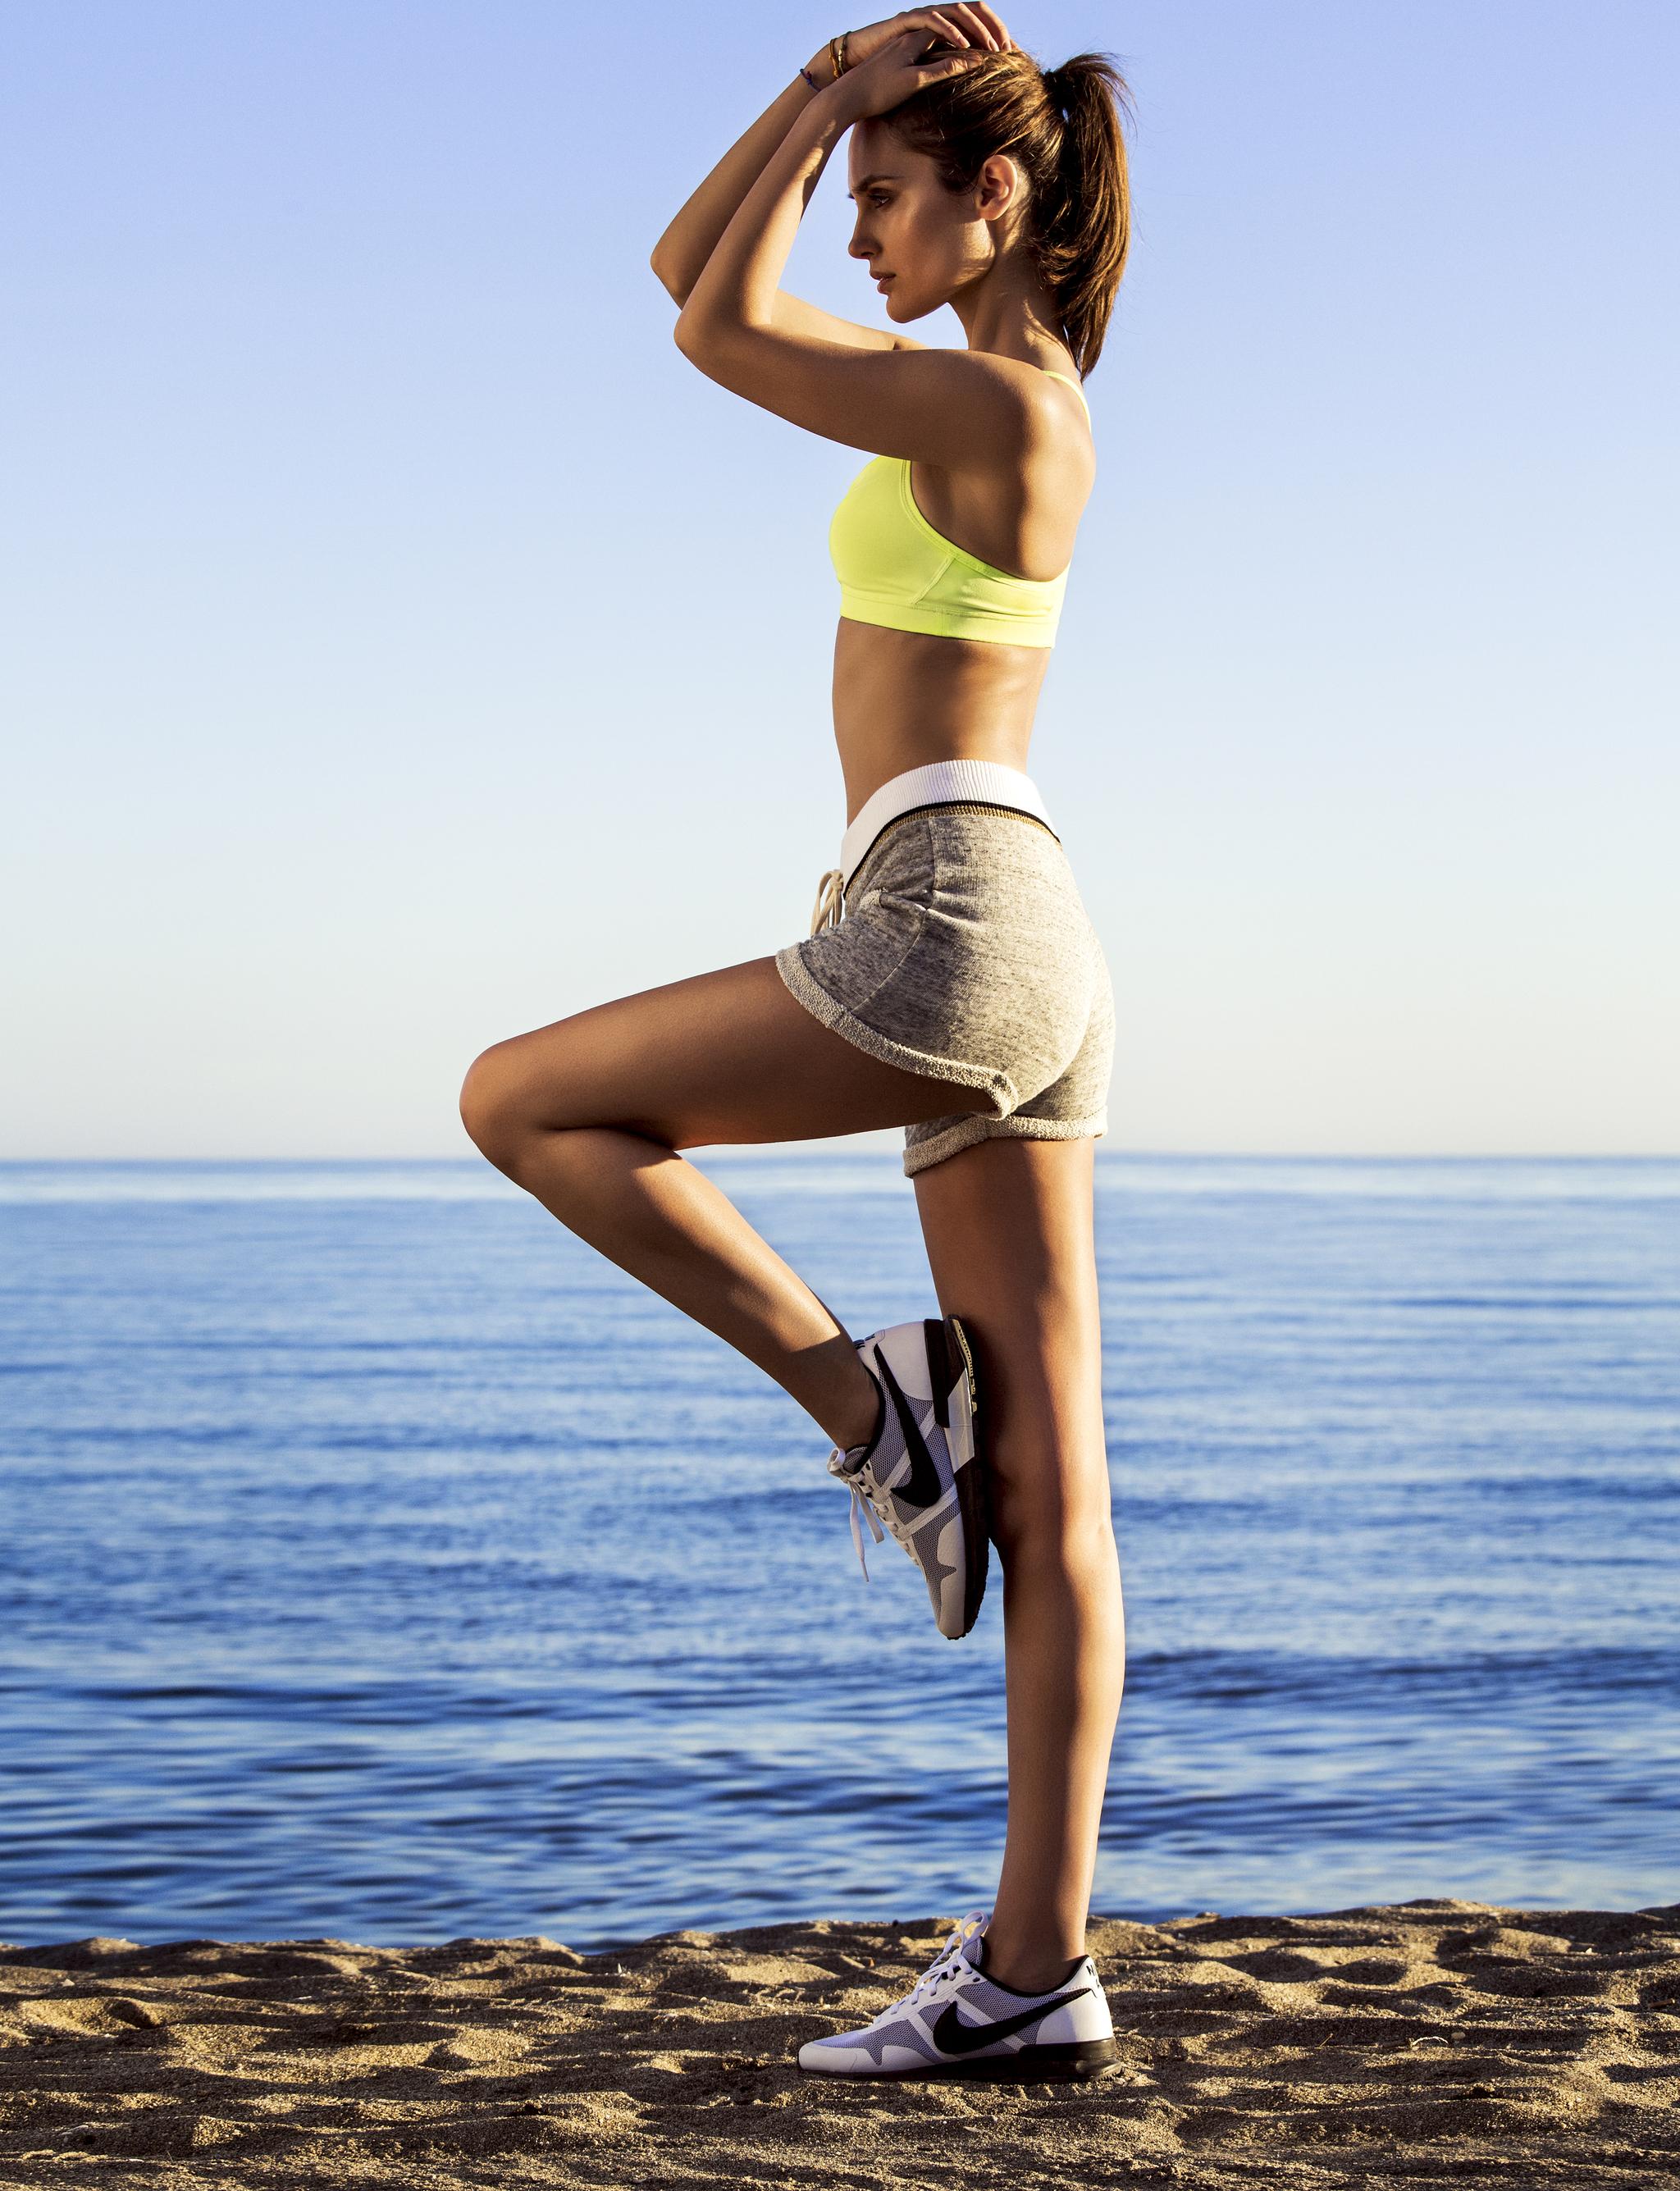 El ritmo de respiración perfecto es de seis respiraciones por minuto.